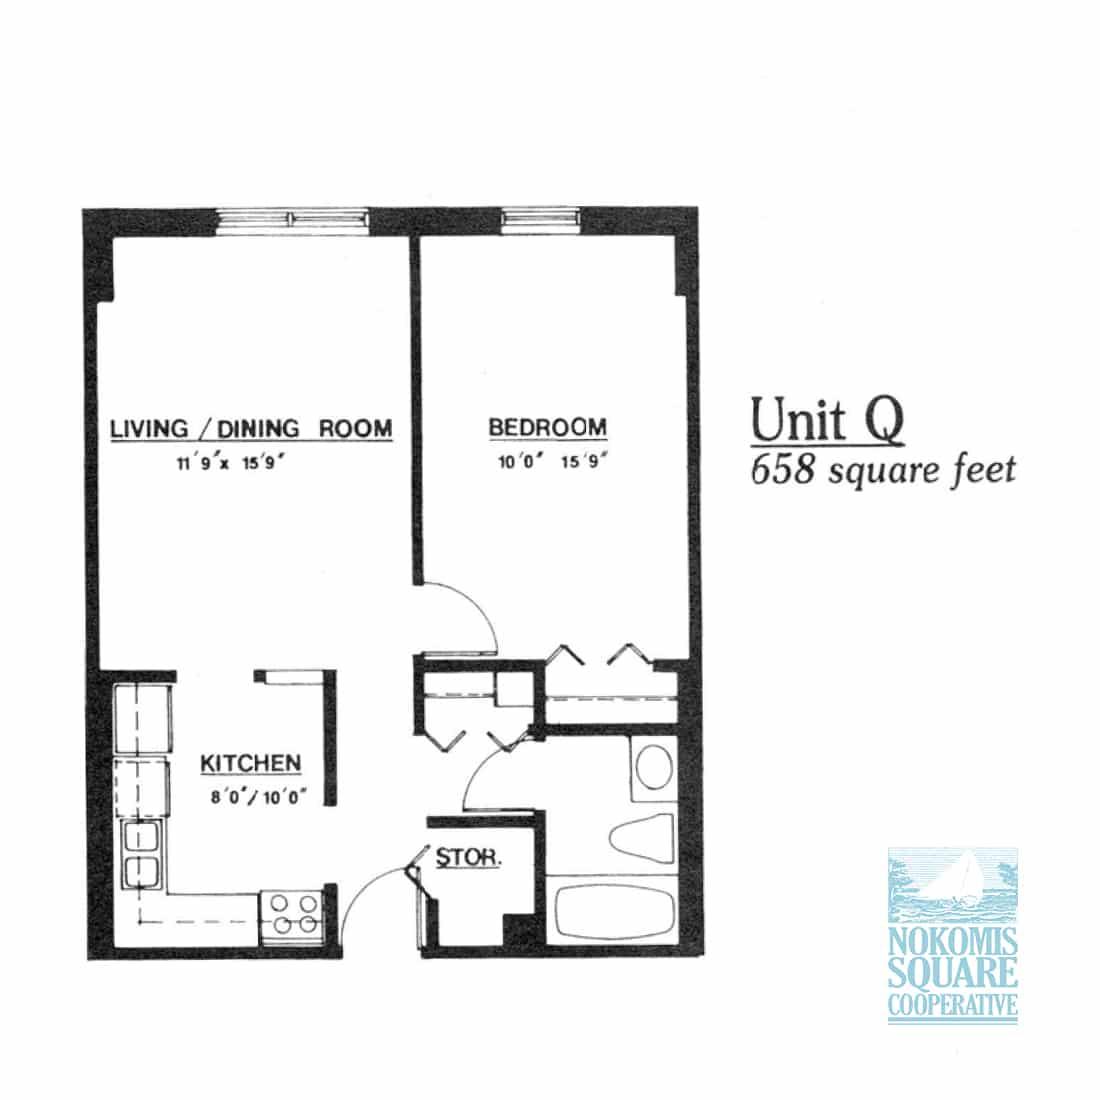 1 br Floorplan Unit Q - Nokomis Square Senior Cooperative